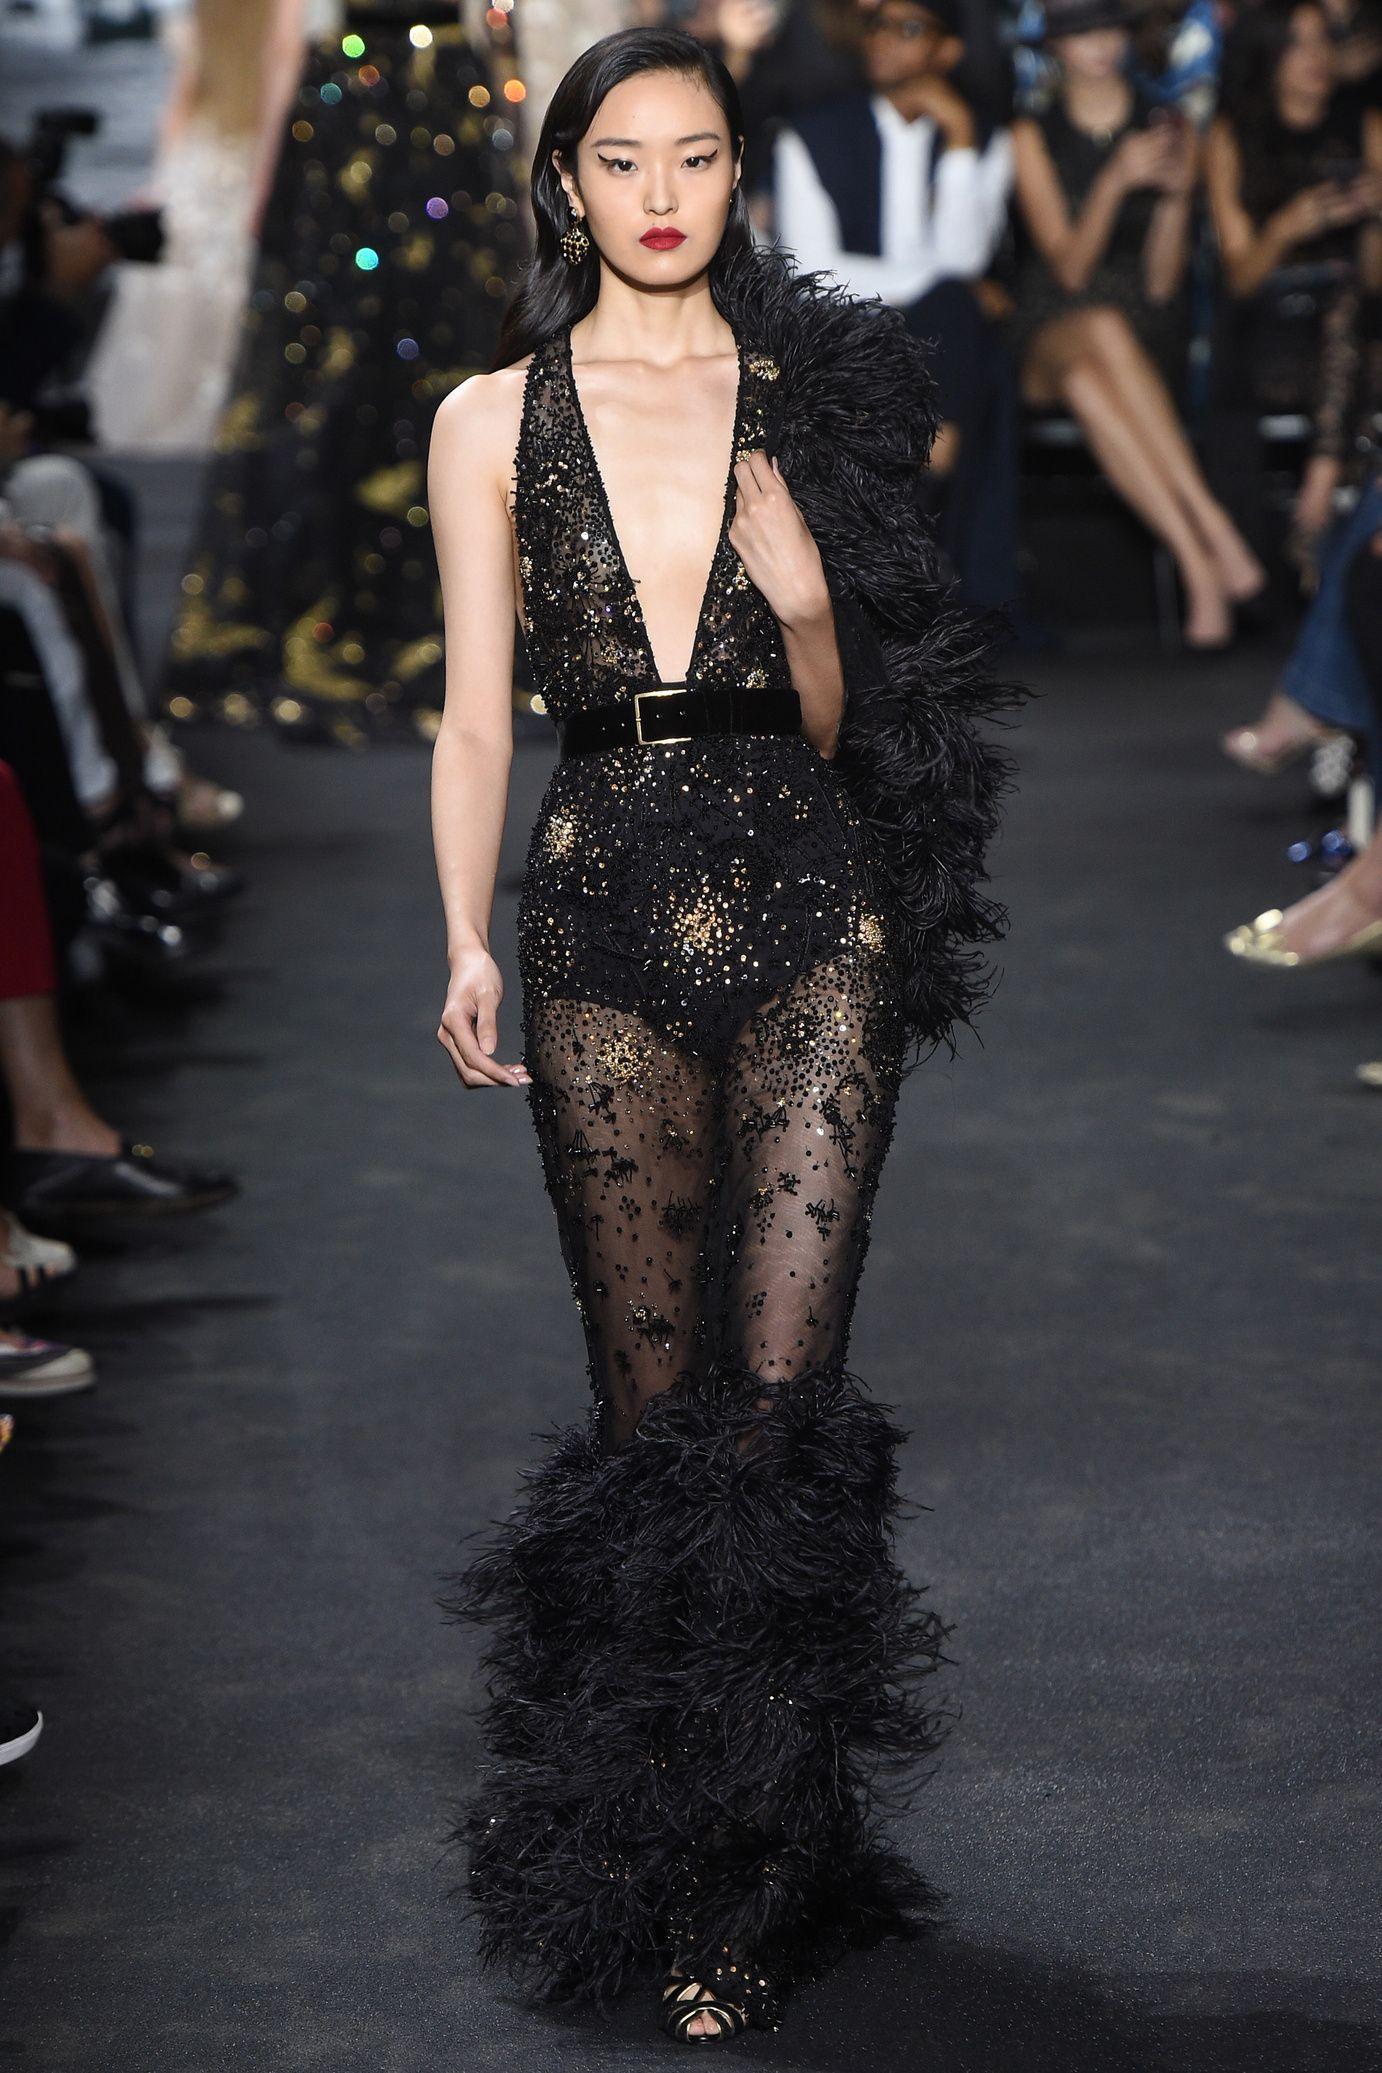 0f4989cb5d81b Défilé Elie Saab Haute Couture automne-hiver 2016-2017 - catwalk - runway -  model - fashion